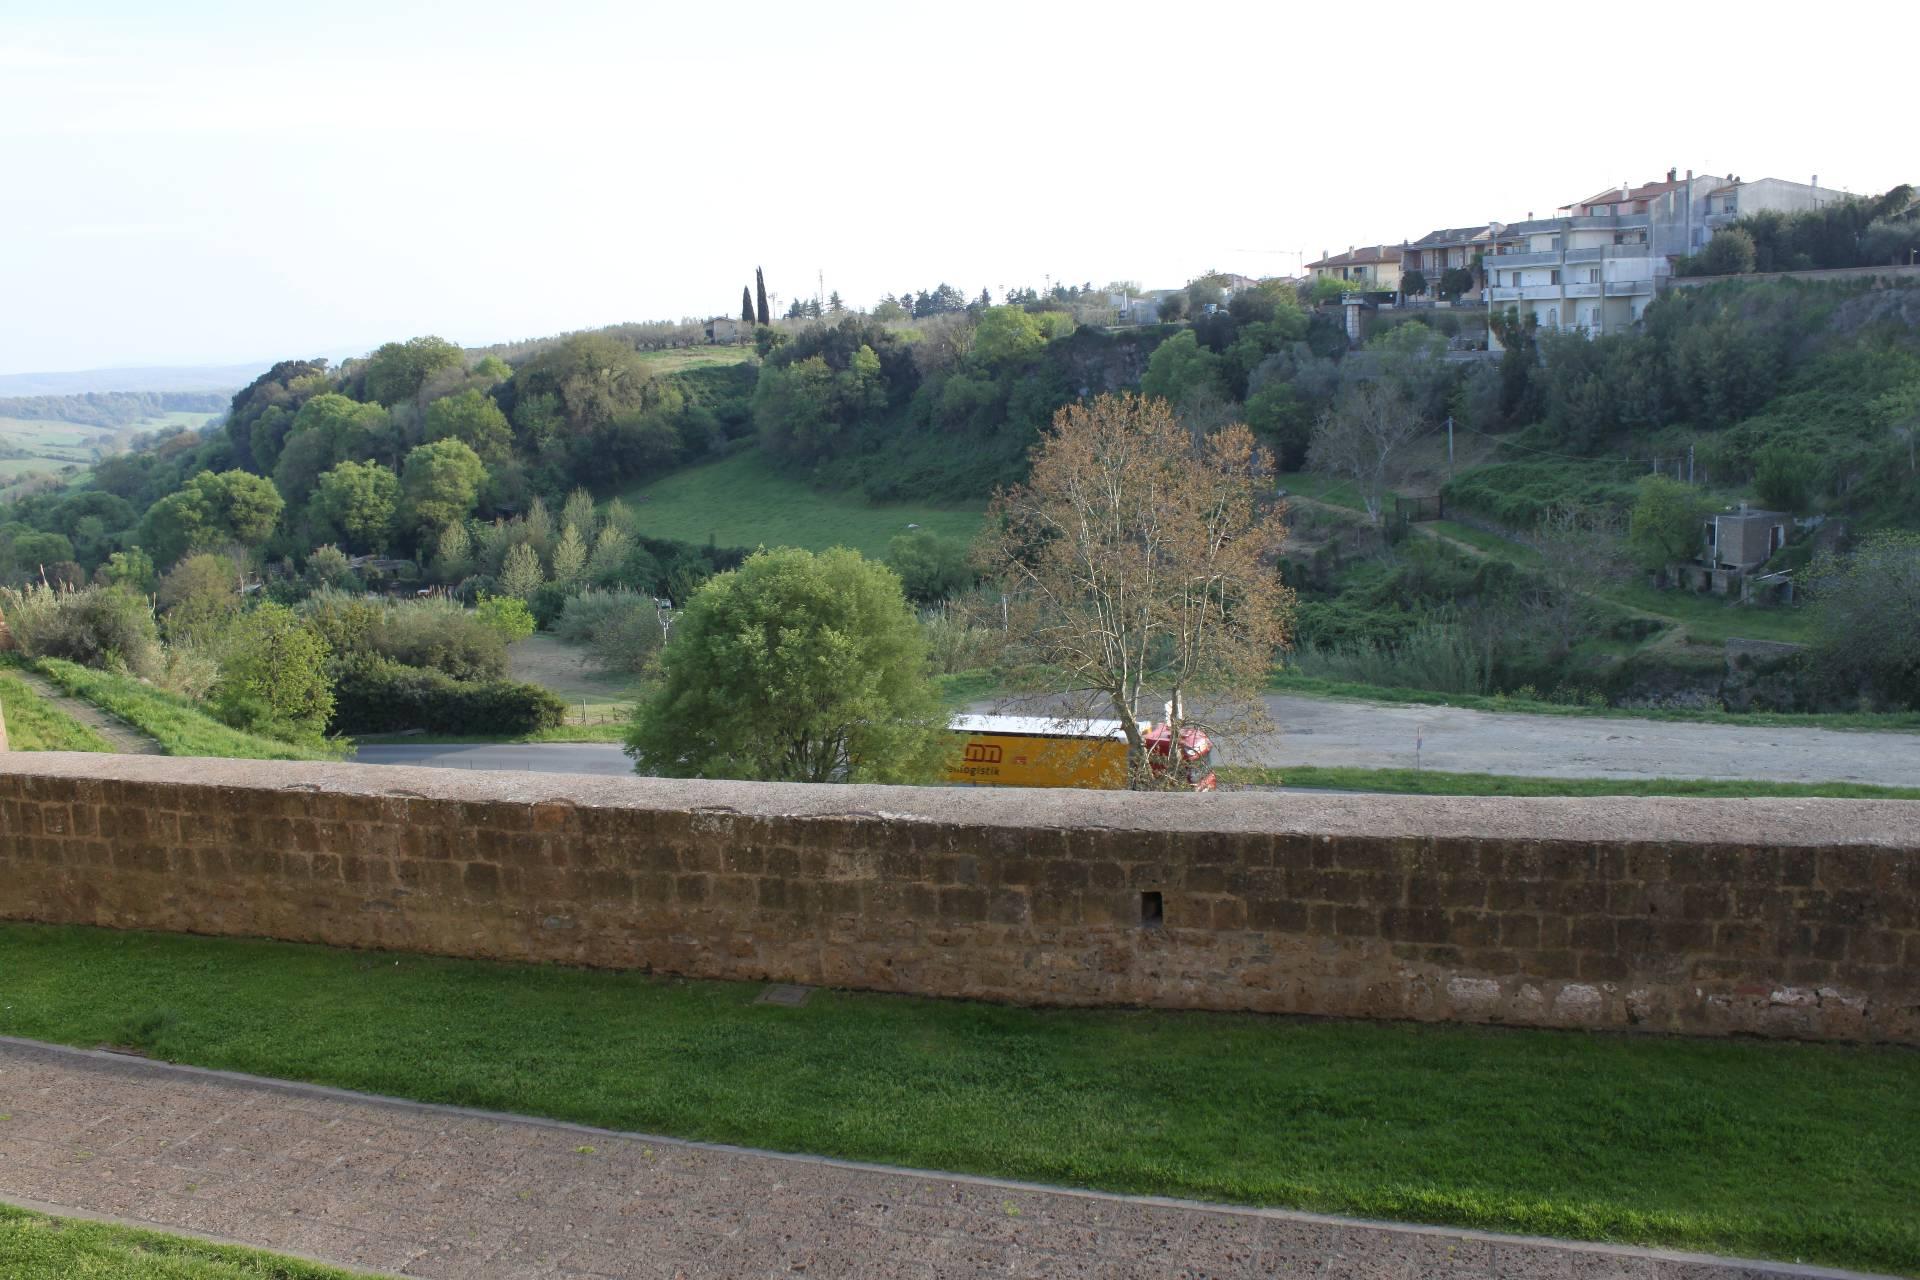 Soluzione Indipendente in vendita a Tuscania, 3 locali, zona Località: centrostorico, prezzo € 90.000   CambioCasa.it